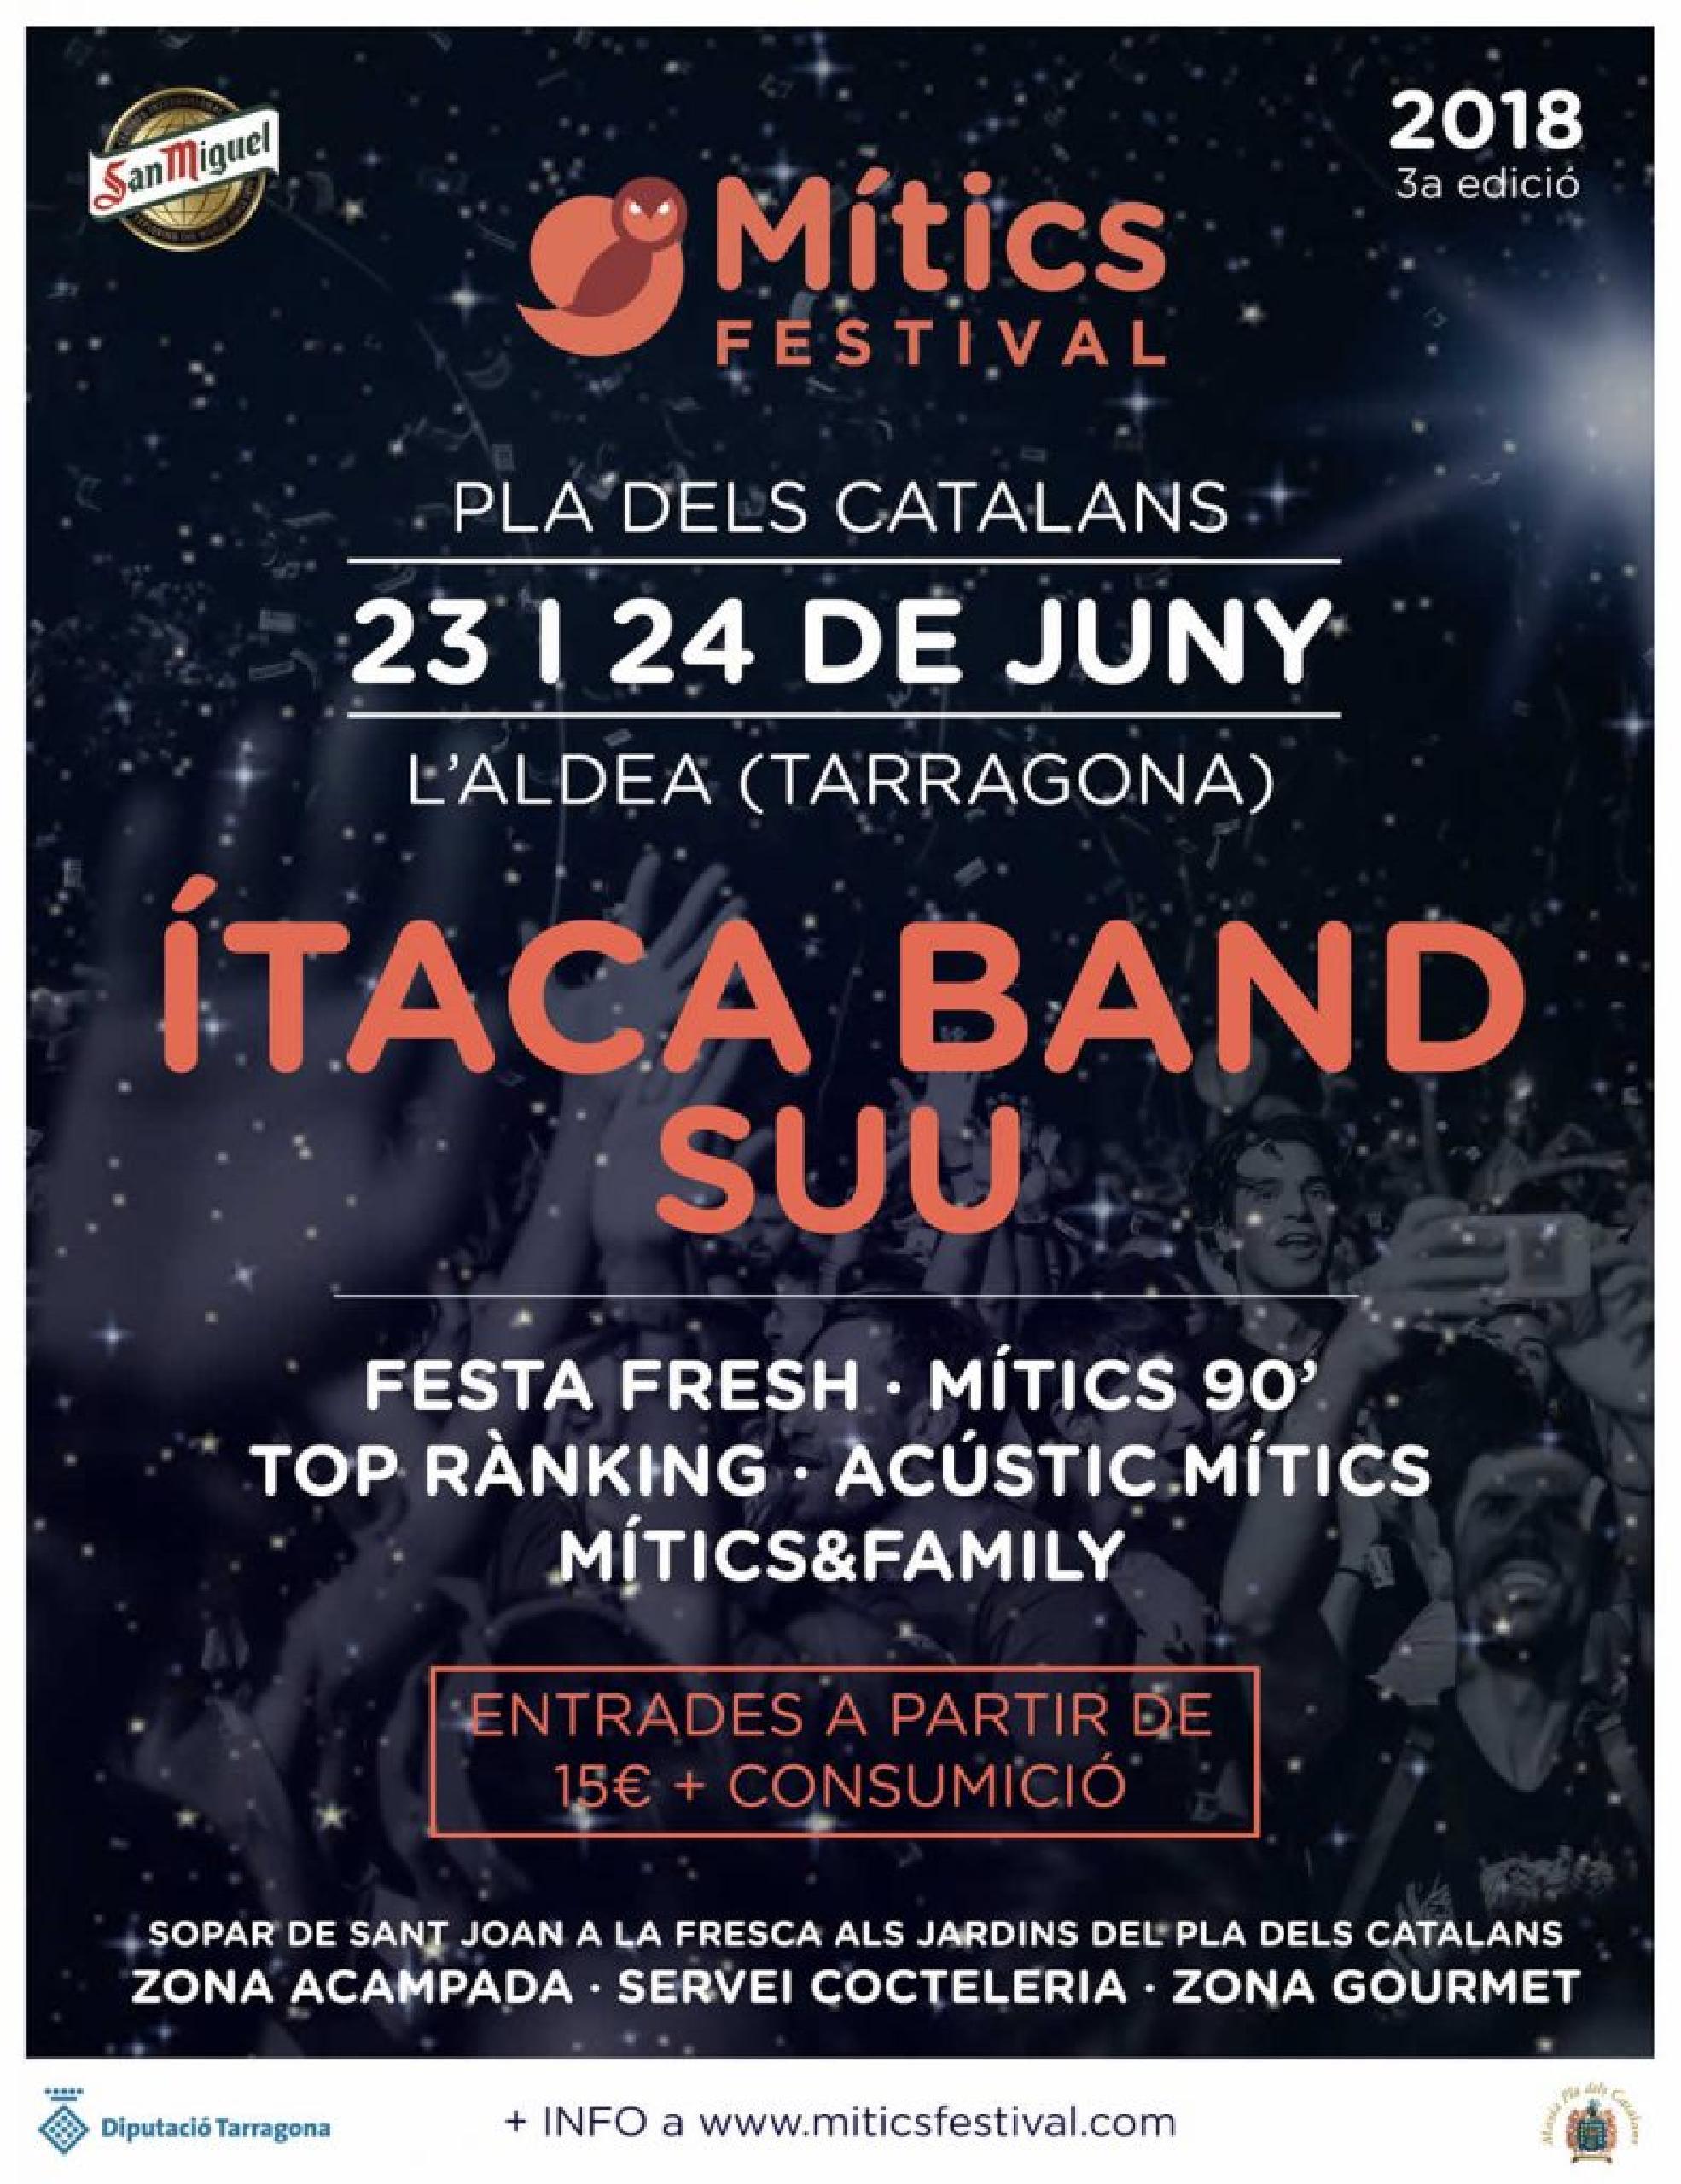 Foto del cartel de Mítics San Juan 2018